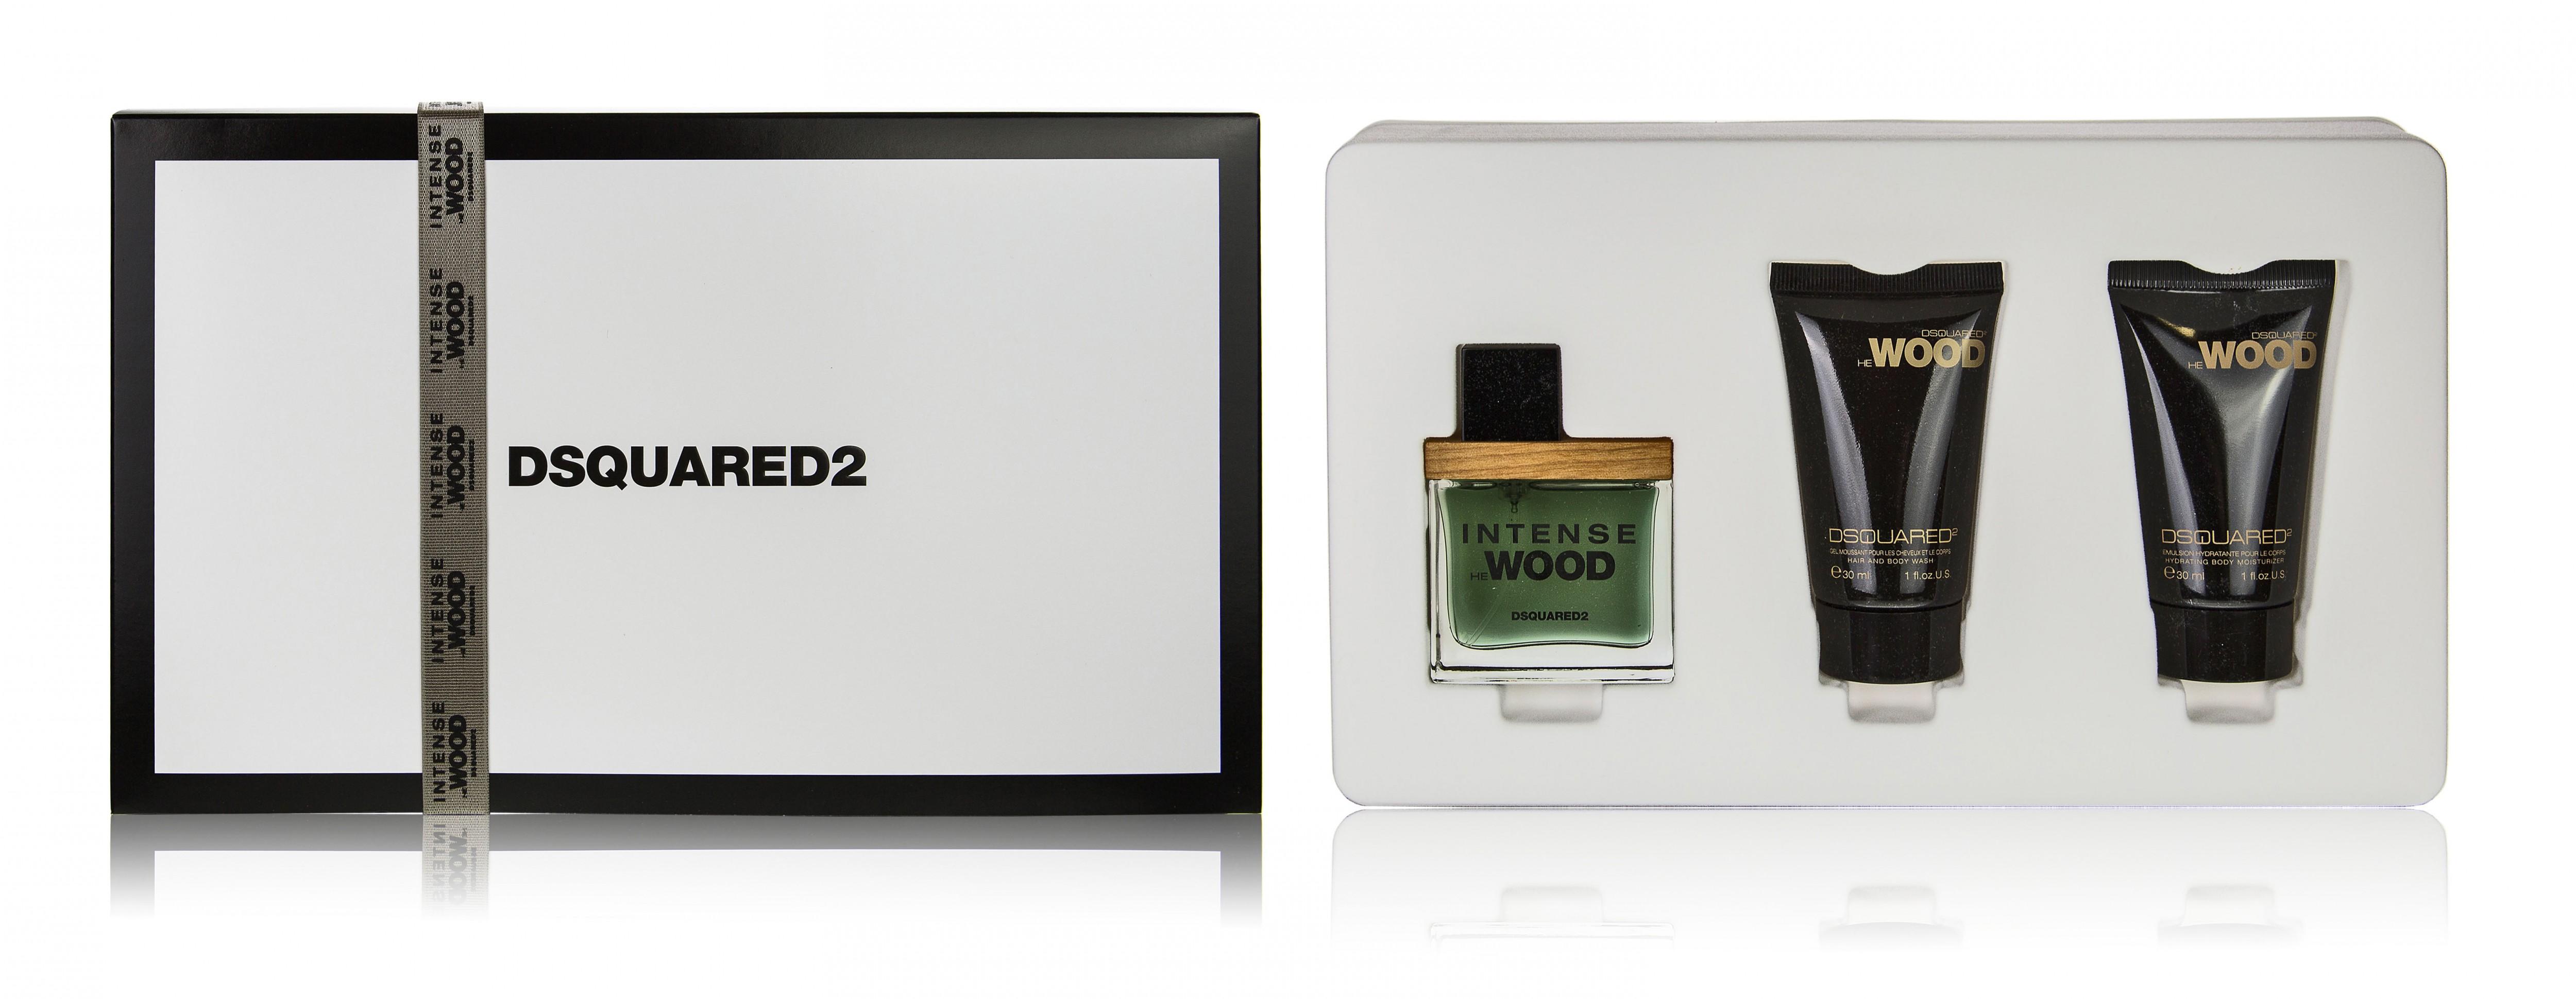 Dsquared2 He Wood Intense, Dárková sada, toaletní voda 30ml + sprchový gel 2in1 30ml + tělové mléko 30ml, Pánska vôňa